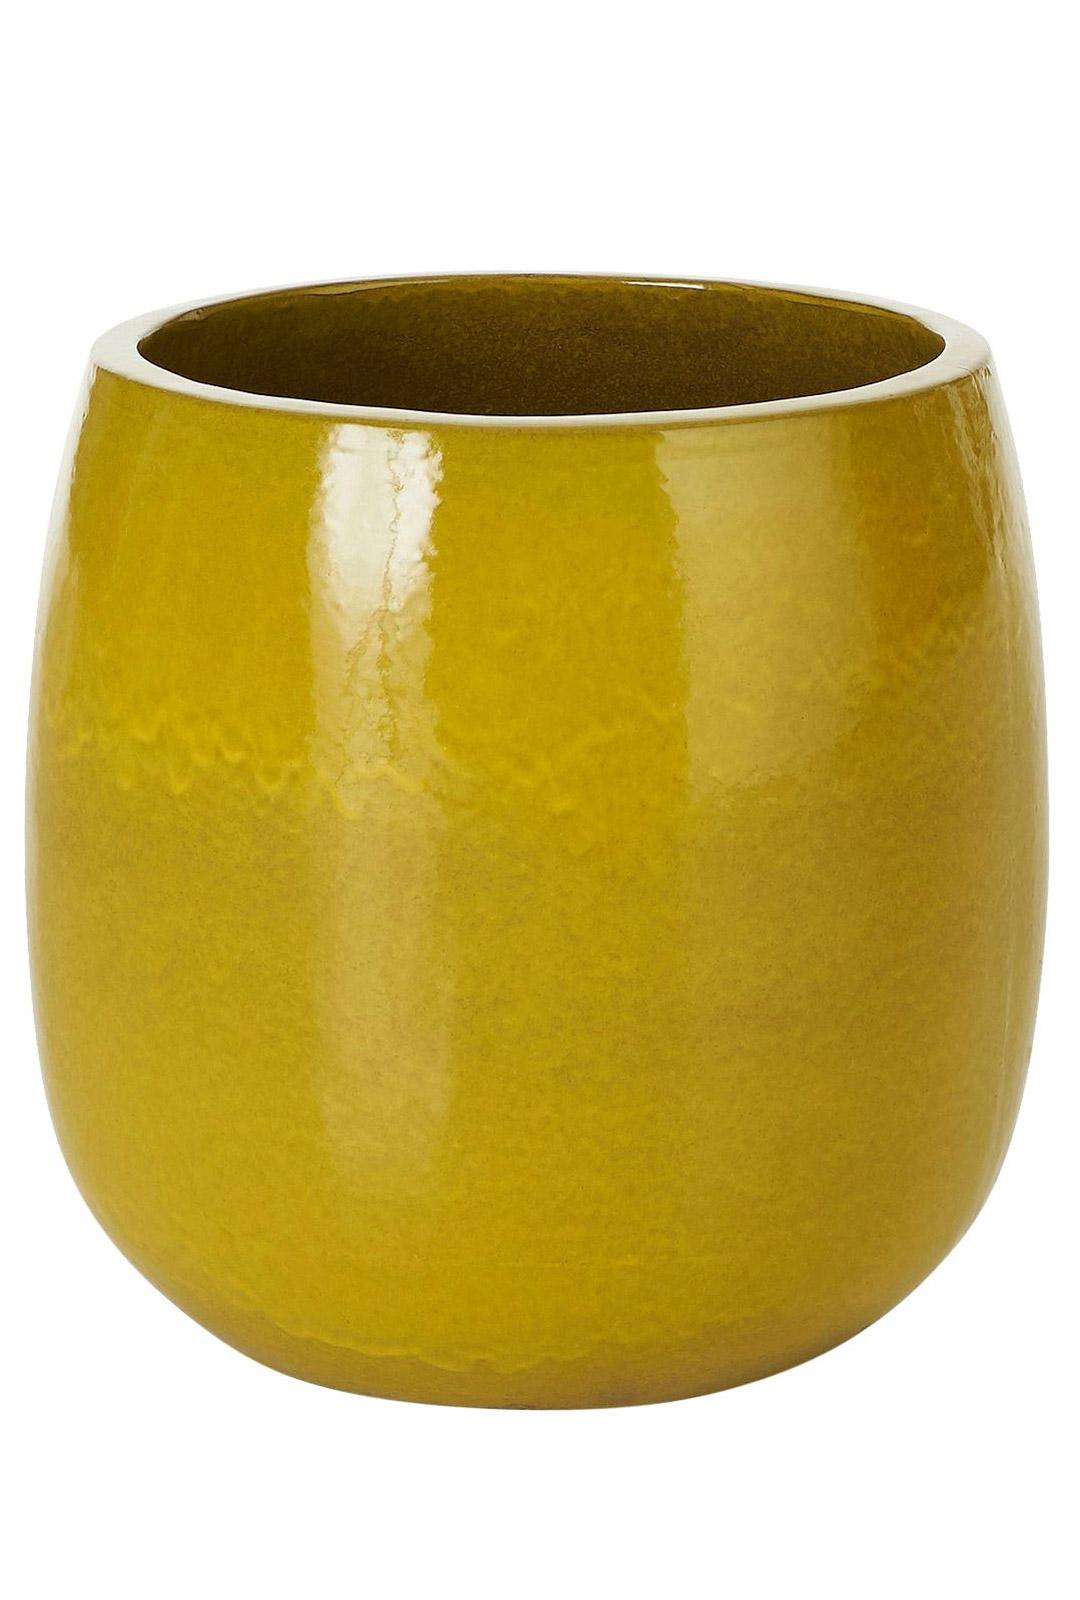 Värikäs ruukku kerää jo itsessään katseet. Sen kaveriksi sopivat hyvin nyt niin trendikkäät heinät ja heinämäiset kasvit. Daggkåpa-ruukku on pakkasenkestävää, lasitettua keramiikkaa. Kork. 47 cm, halkaisija 44 cm. 139 e, Ellos.